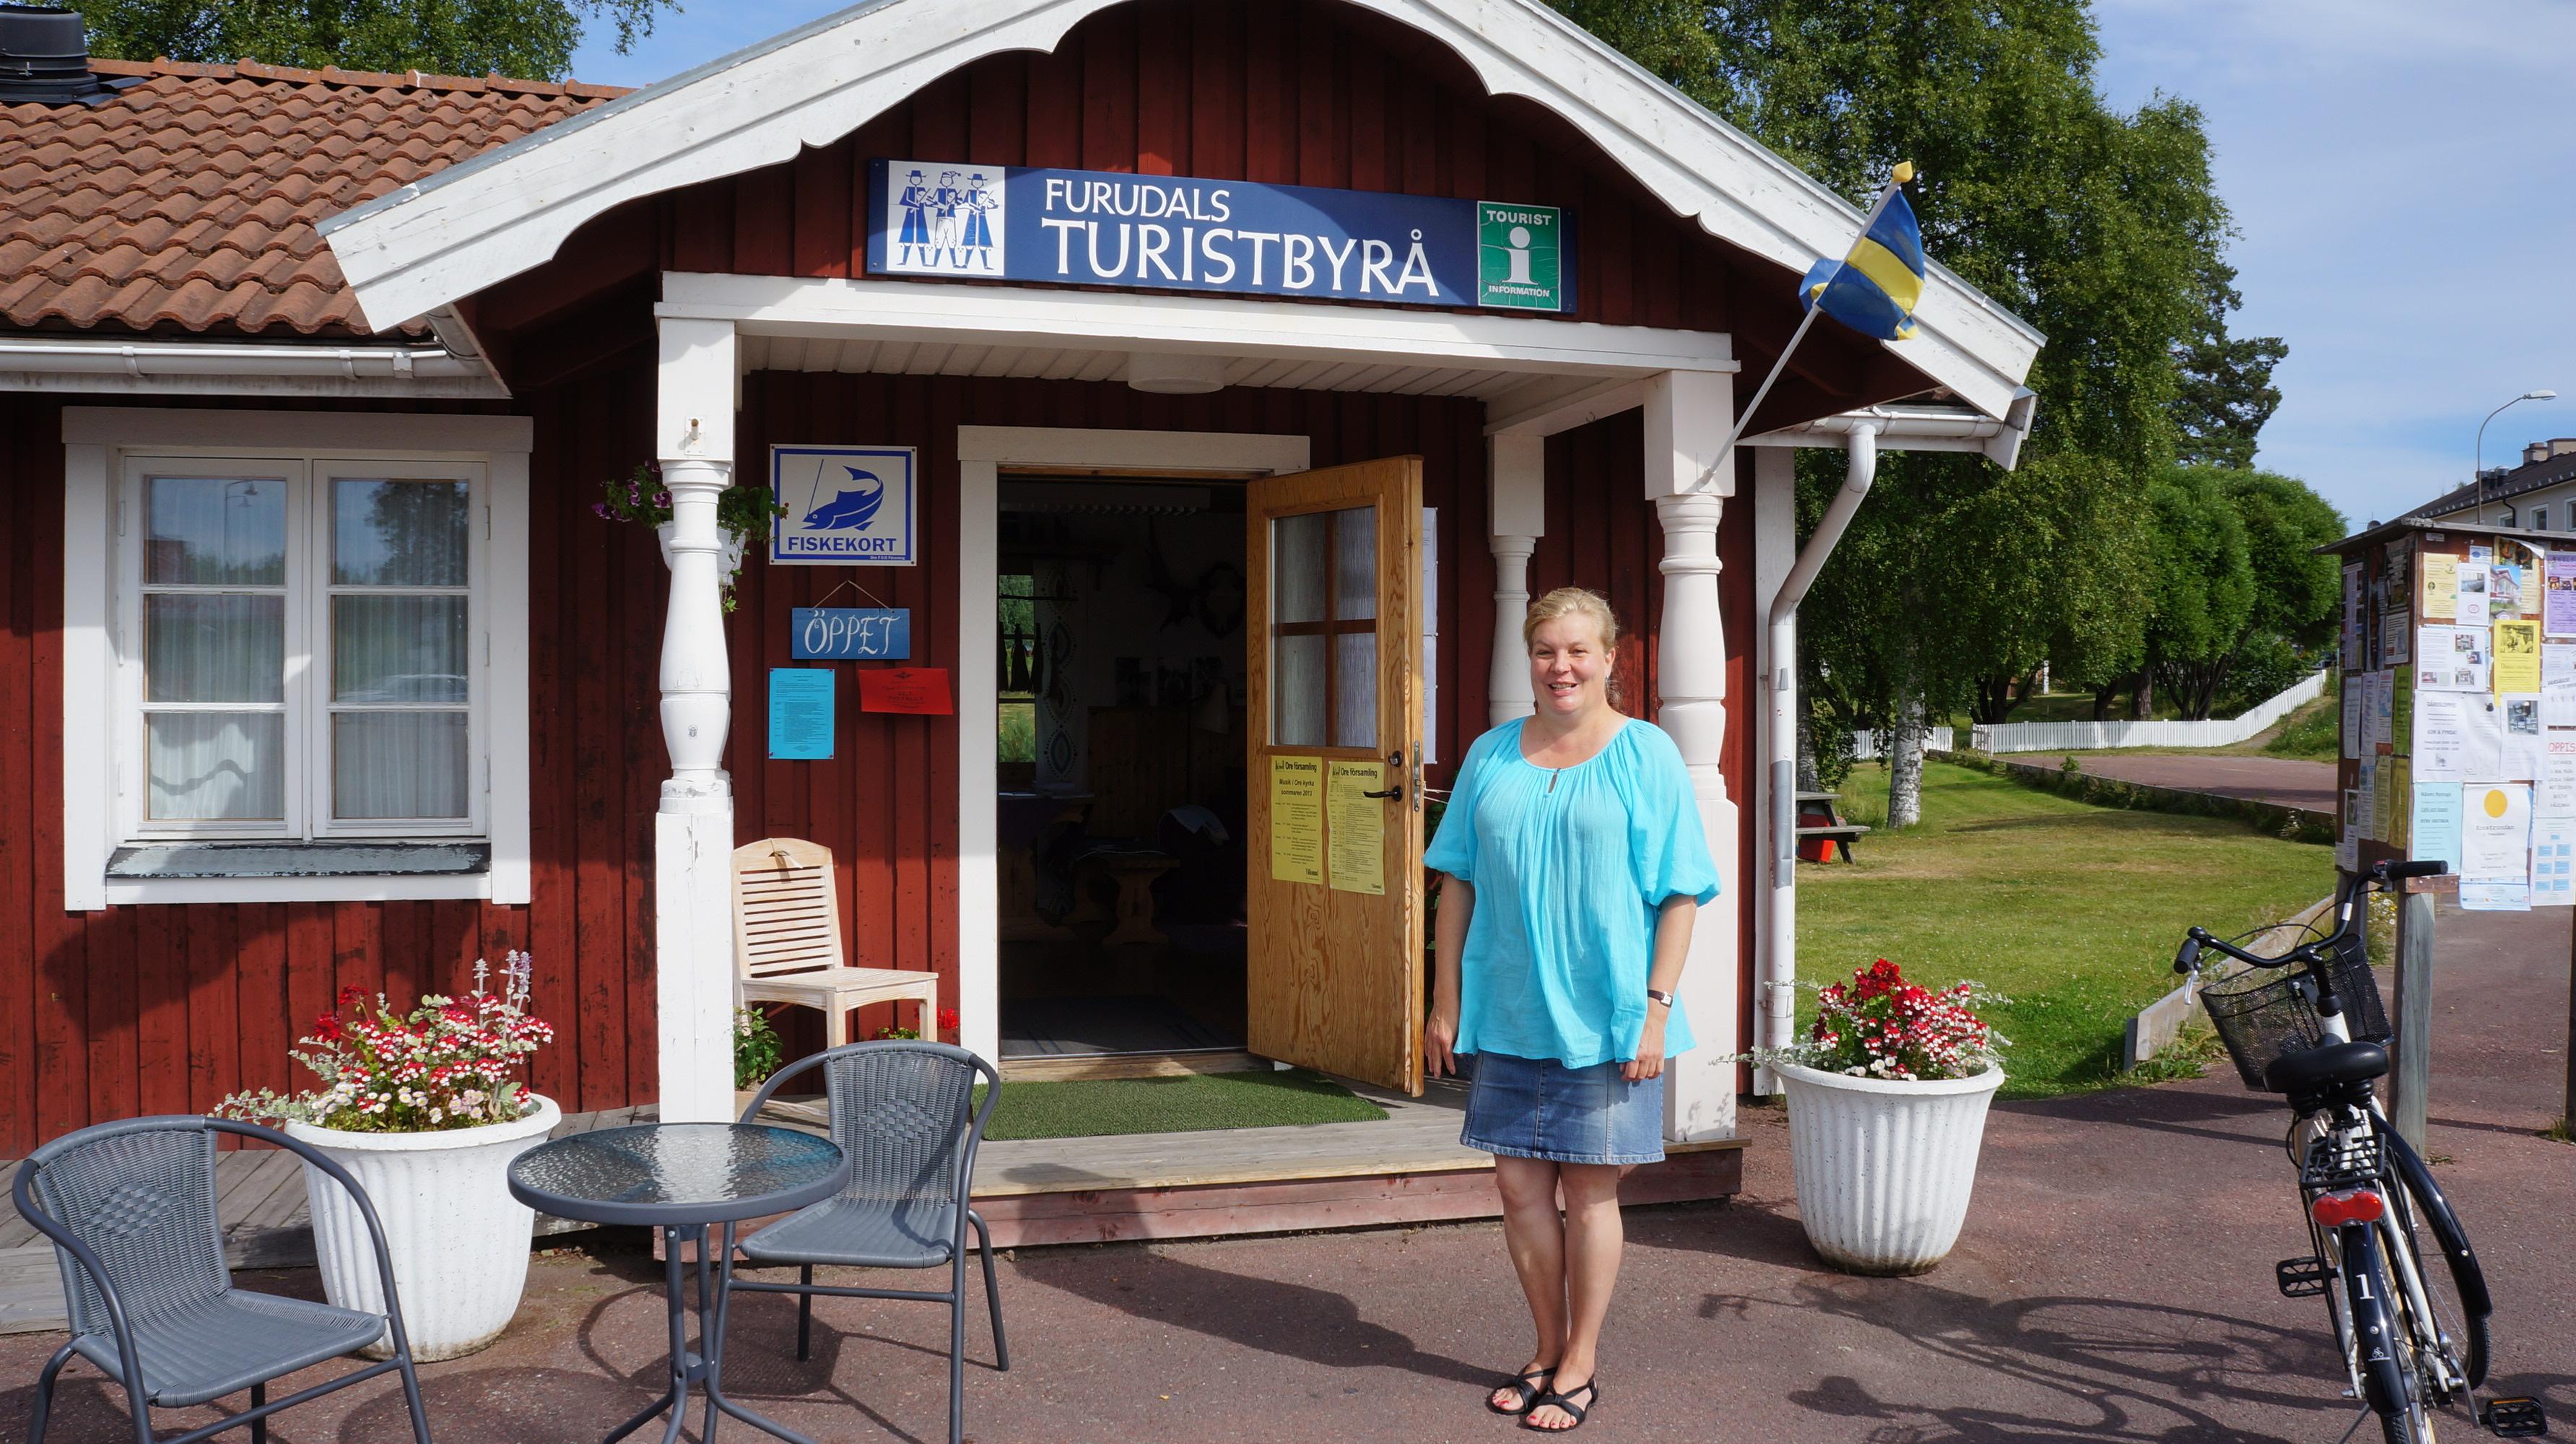 Furudals Turistbyrå